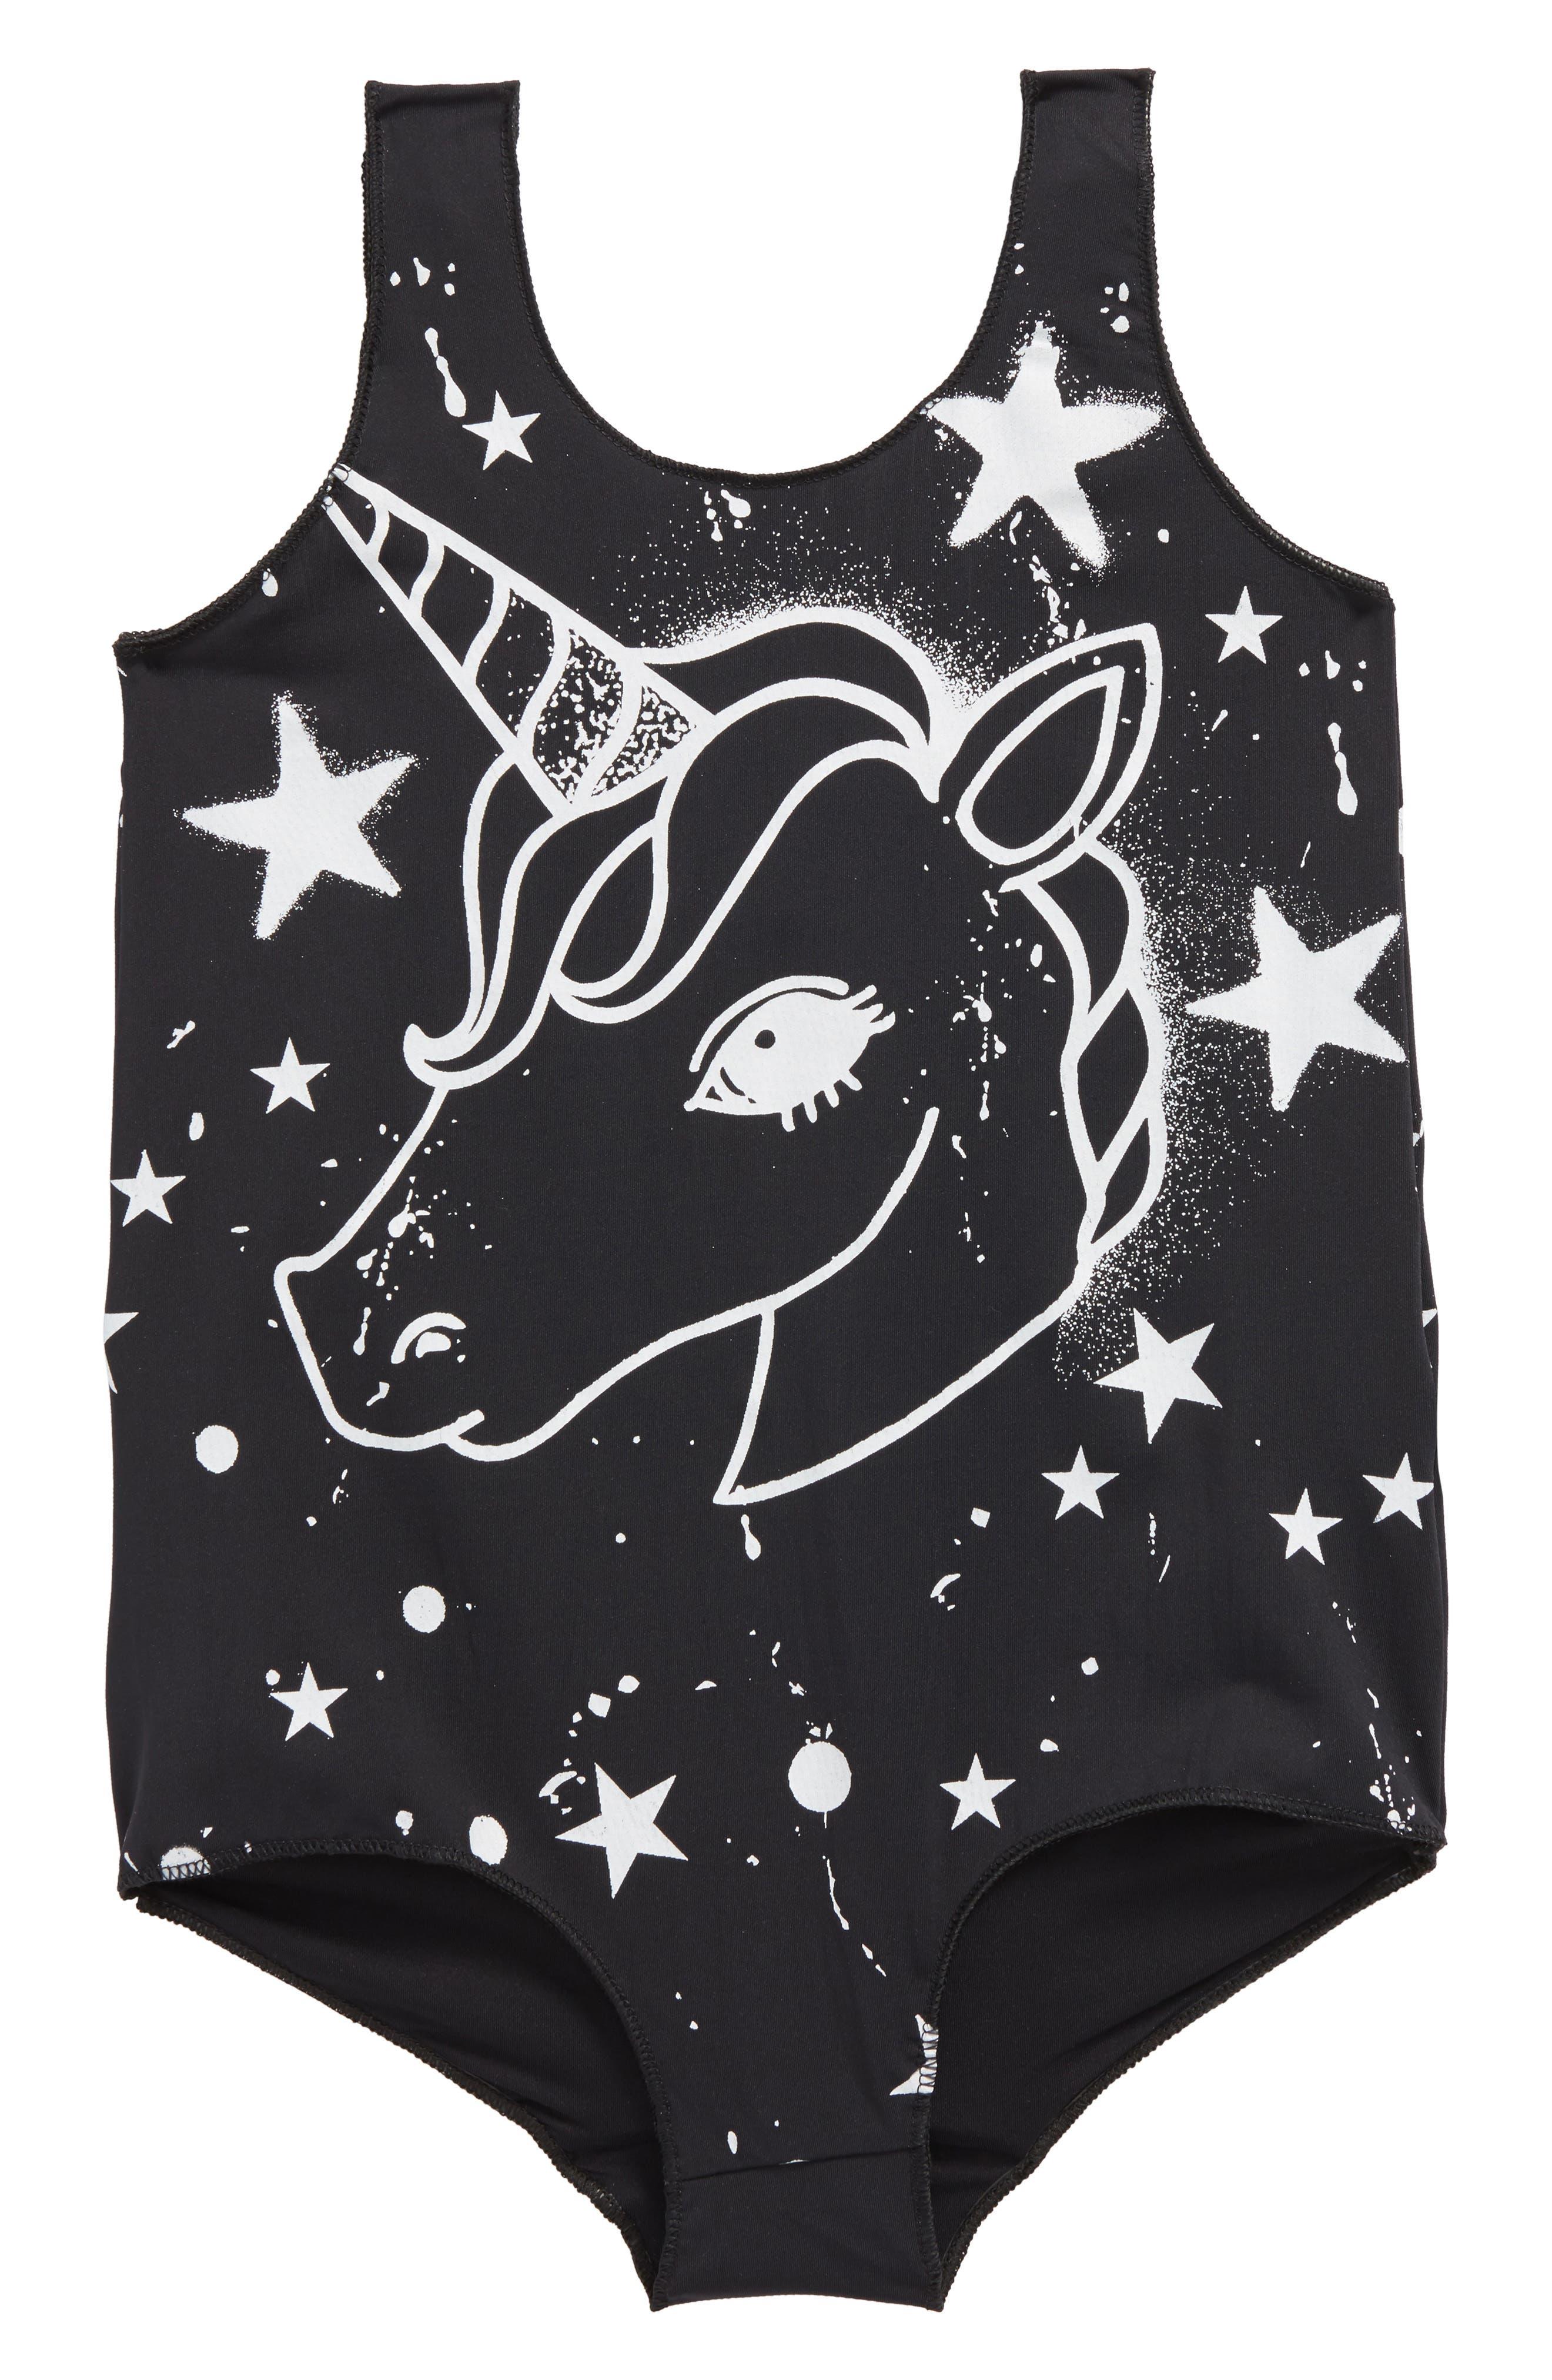 Unicorn One-Piece Swimsuit,                             Main thumbnail 1, color,                             001